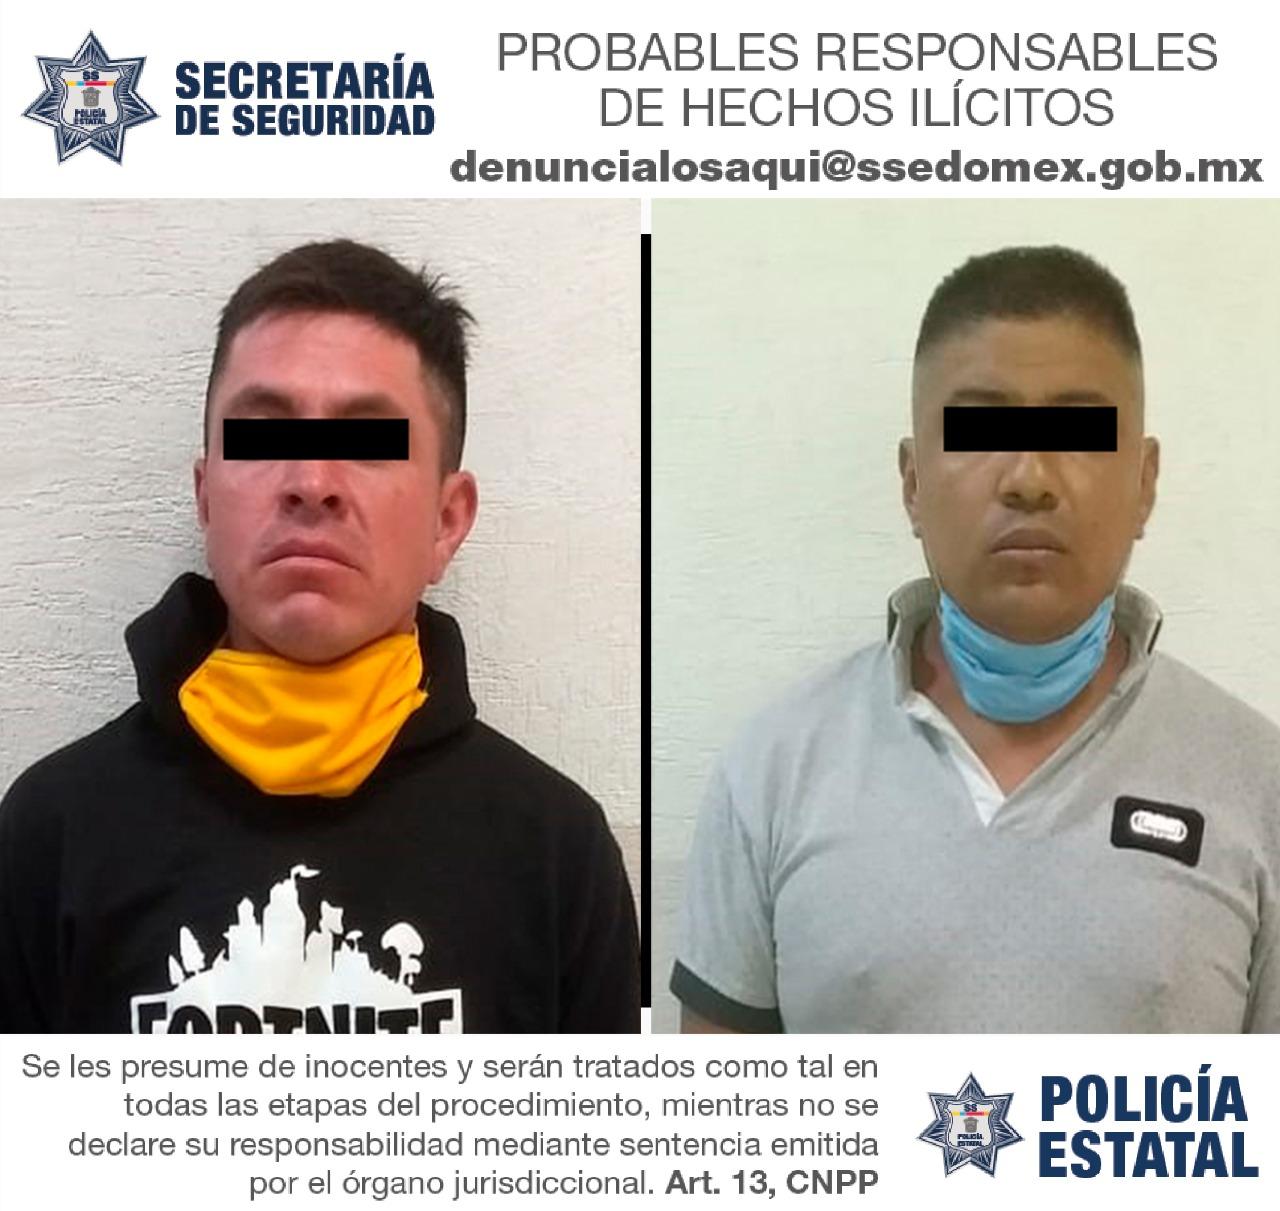 DETIENEN A DOS PROBABLES RESPONSABLES DE QUEBRANTAR SELLOS DE ASEGURAMIENTO DE UN INMUEBLE